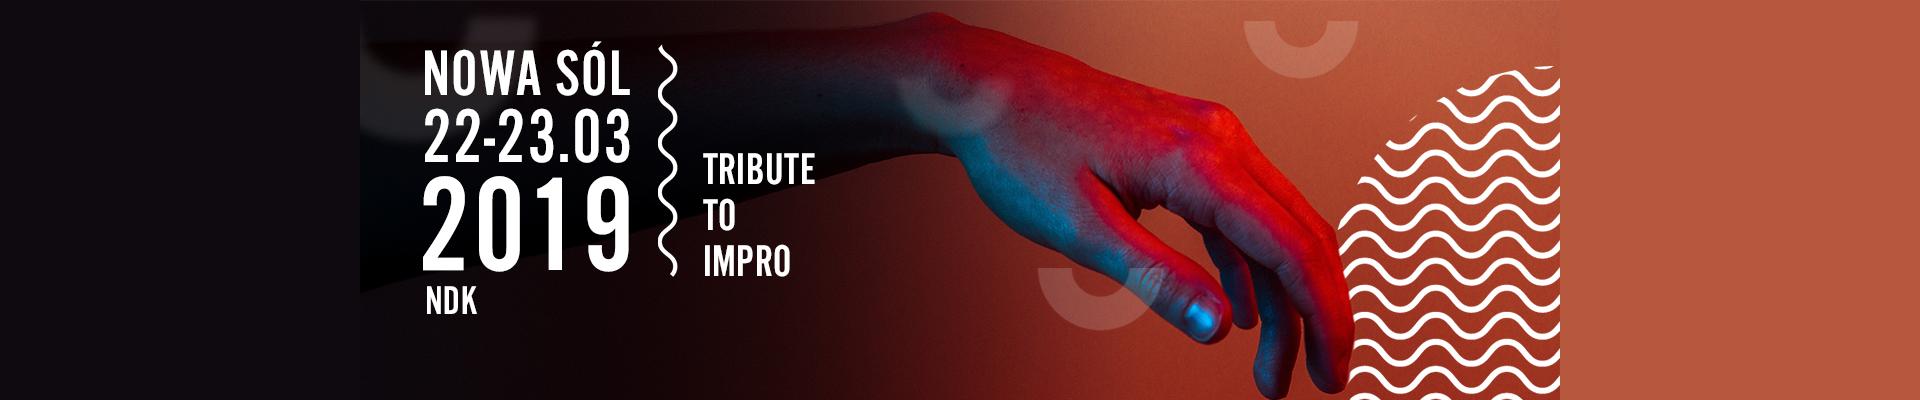 """22-24.03.2019 Zapraszamy na spektakl """"Out of structure"""" na Strefie Ruchu w Nowej Soli!"""